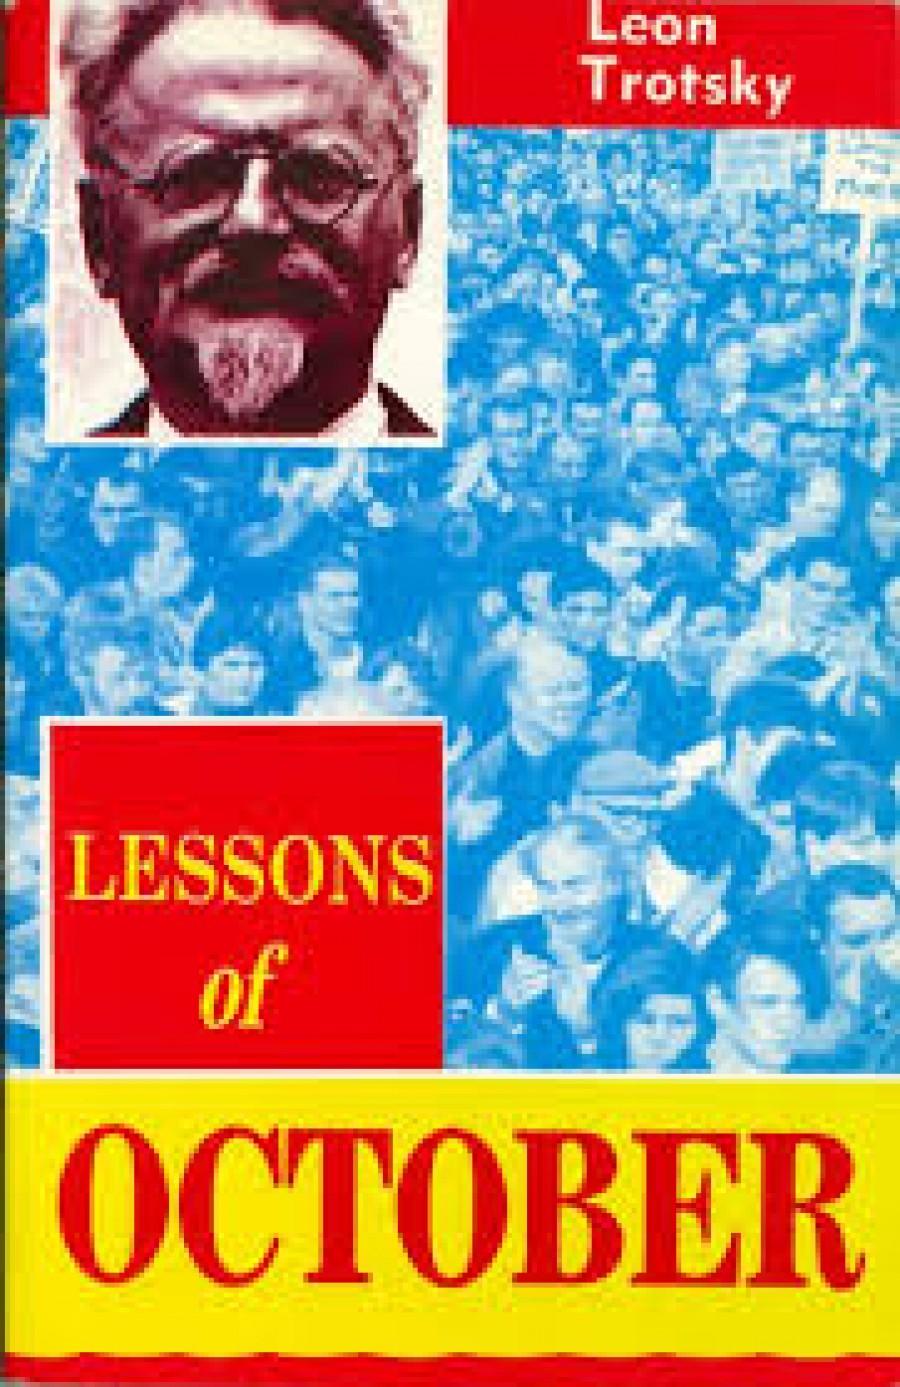 Trockého text Poučení z října byl po částech vydáván v angličtině v zpravodajském časopise Mezinárodní tiskové korespondence Inprecor,  orgánu Komunistické internacionály v únoru 1925. Pamflet přeložil John. G. Wright a poprvé je publikoval Pioneer Publishers v roce 1937.